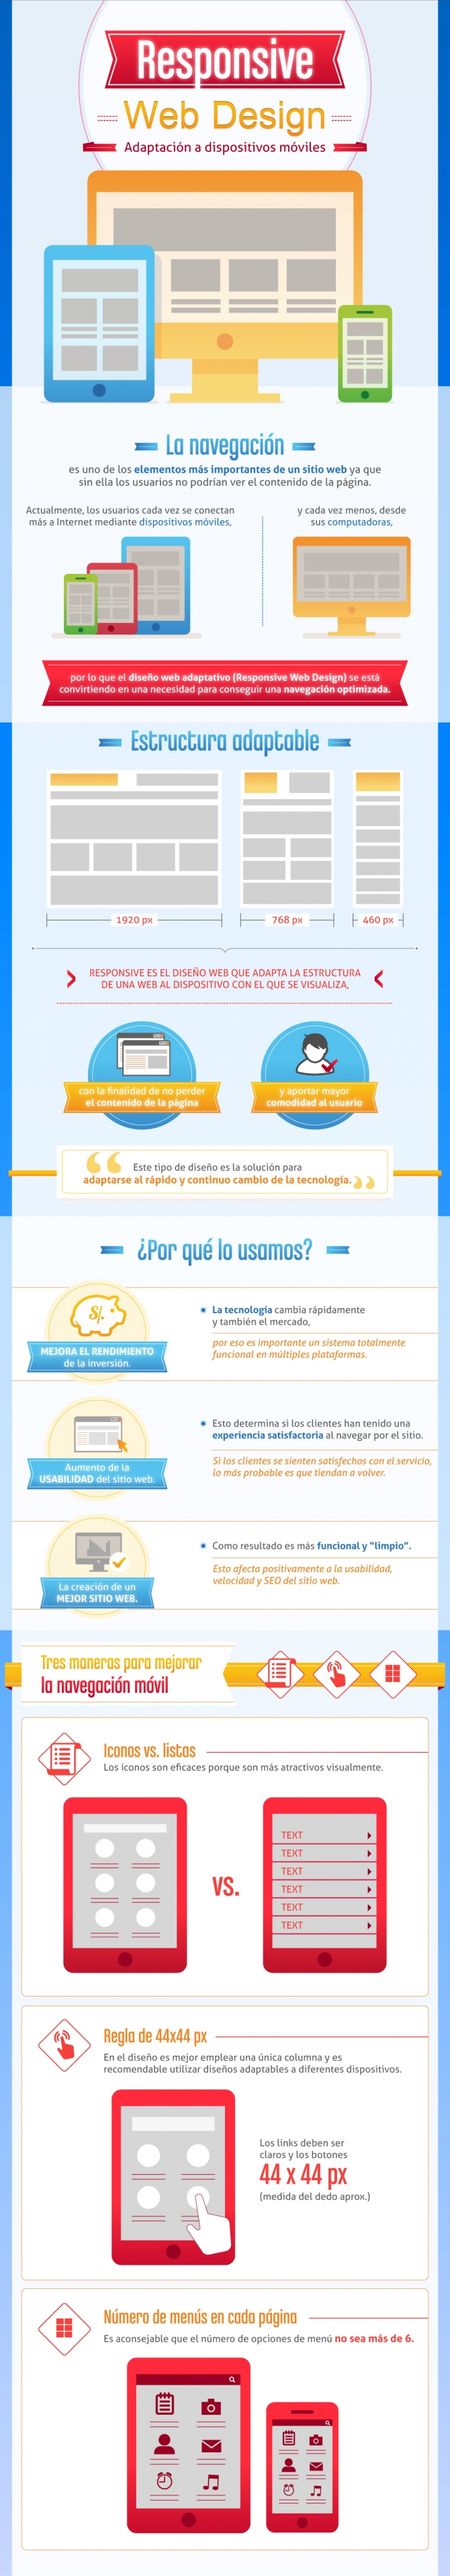 infografia_que_es_el_responsive_design_para_webs